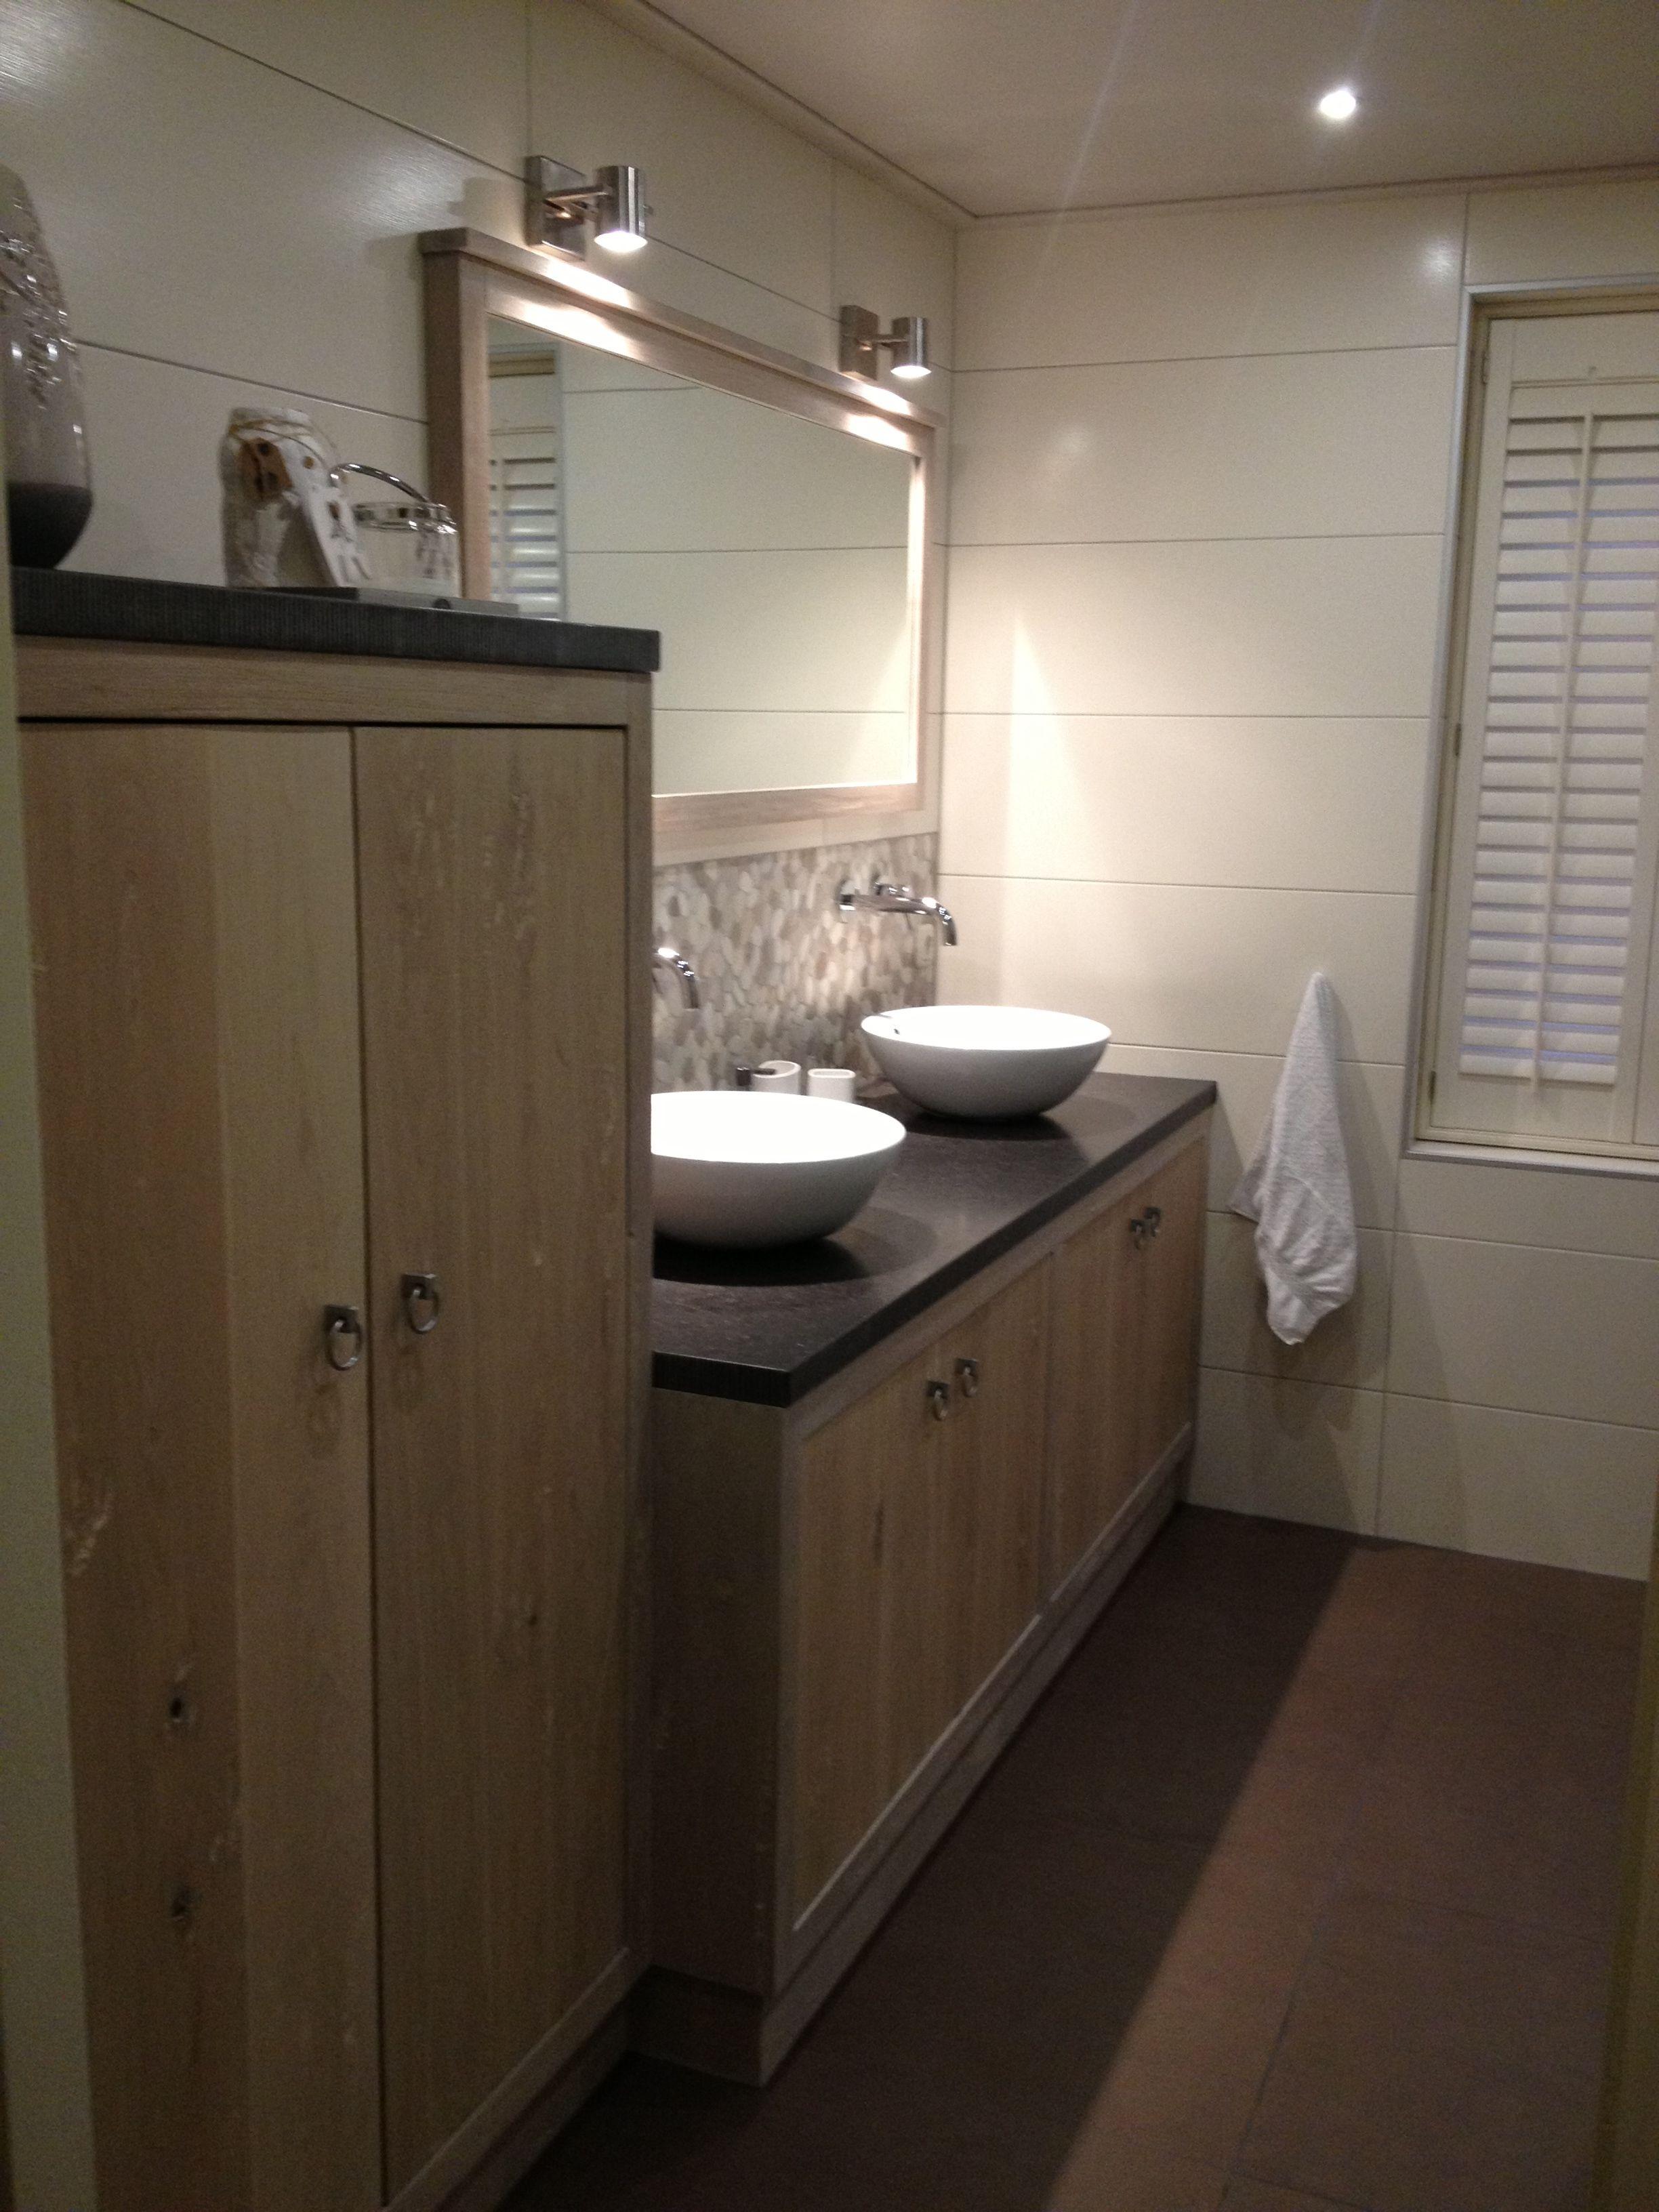 Badkamer op maat gemaakt | badkamer | Pinterest - Badkamer en Haken